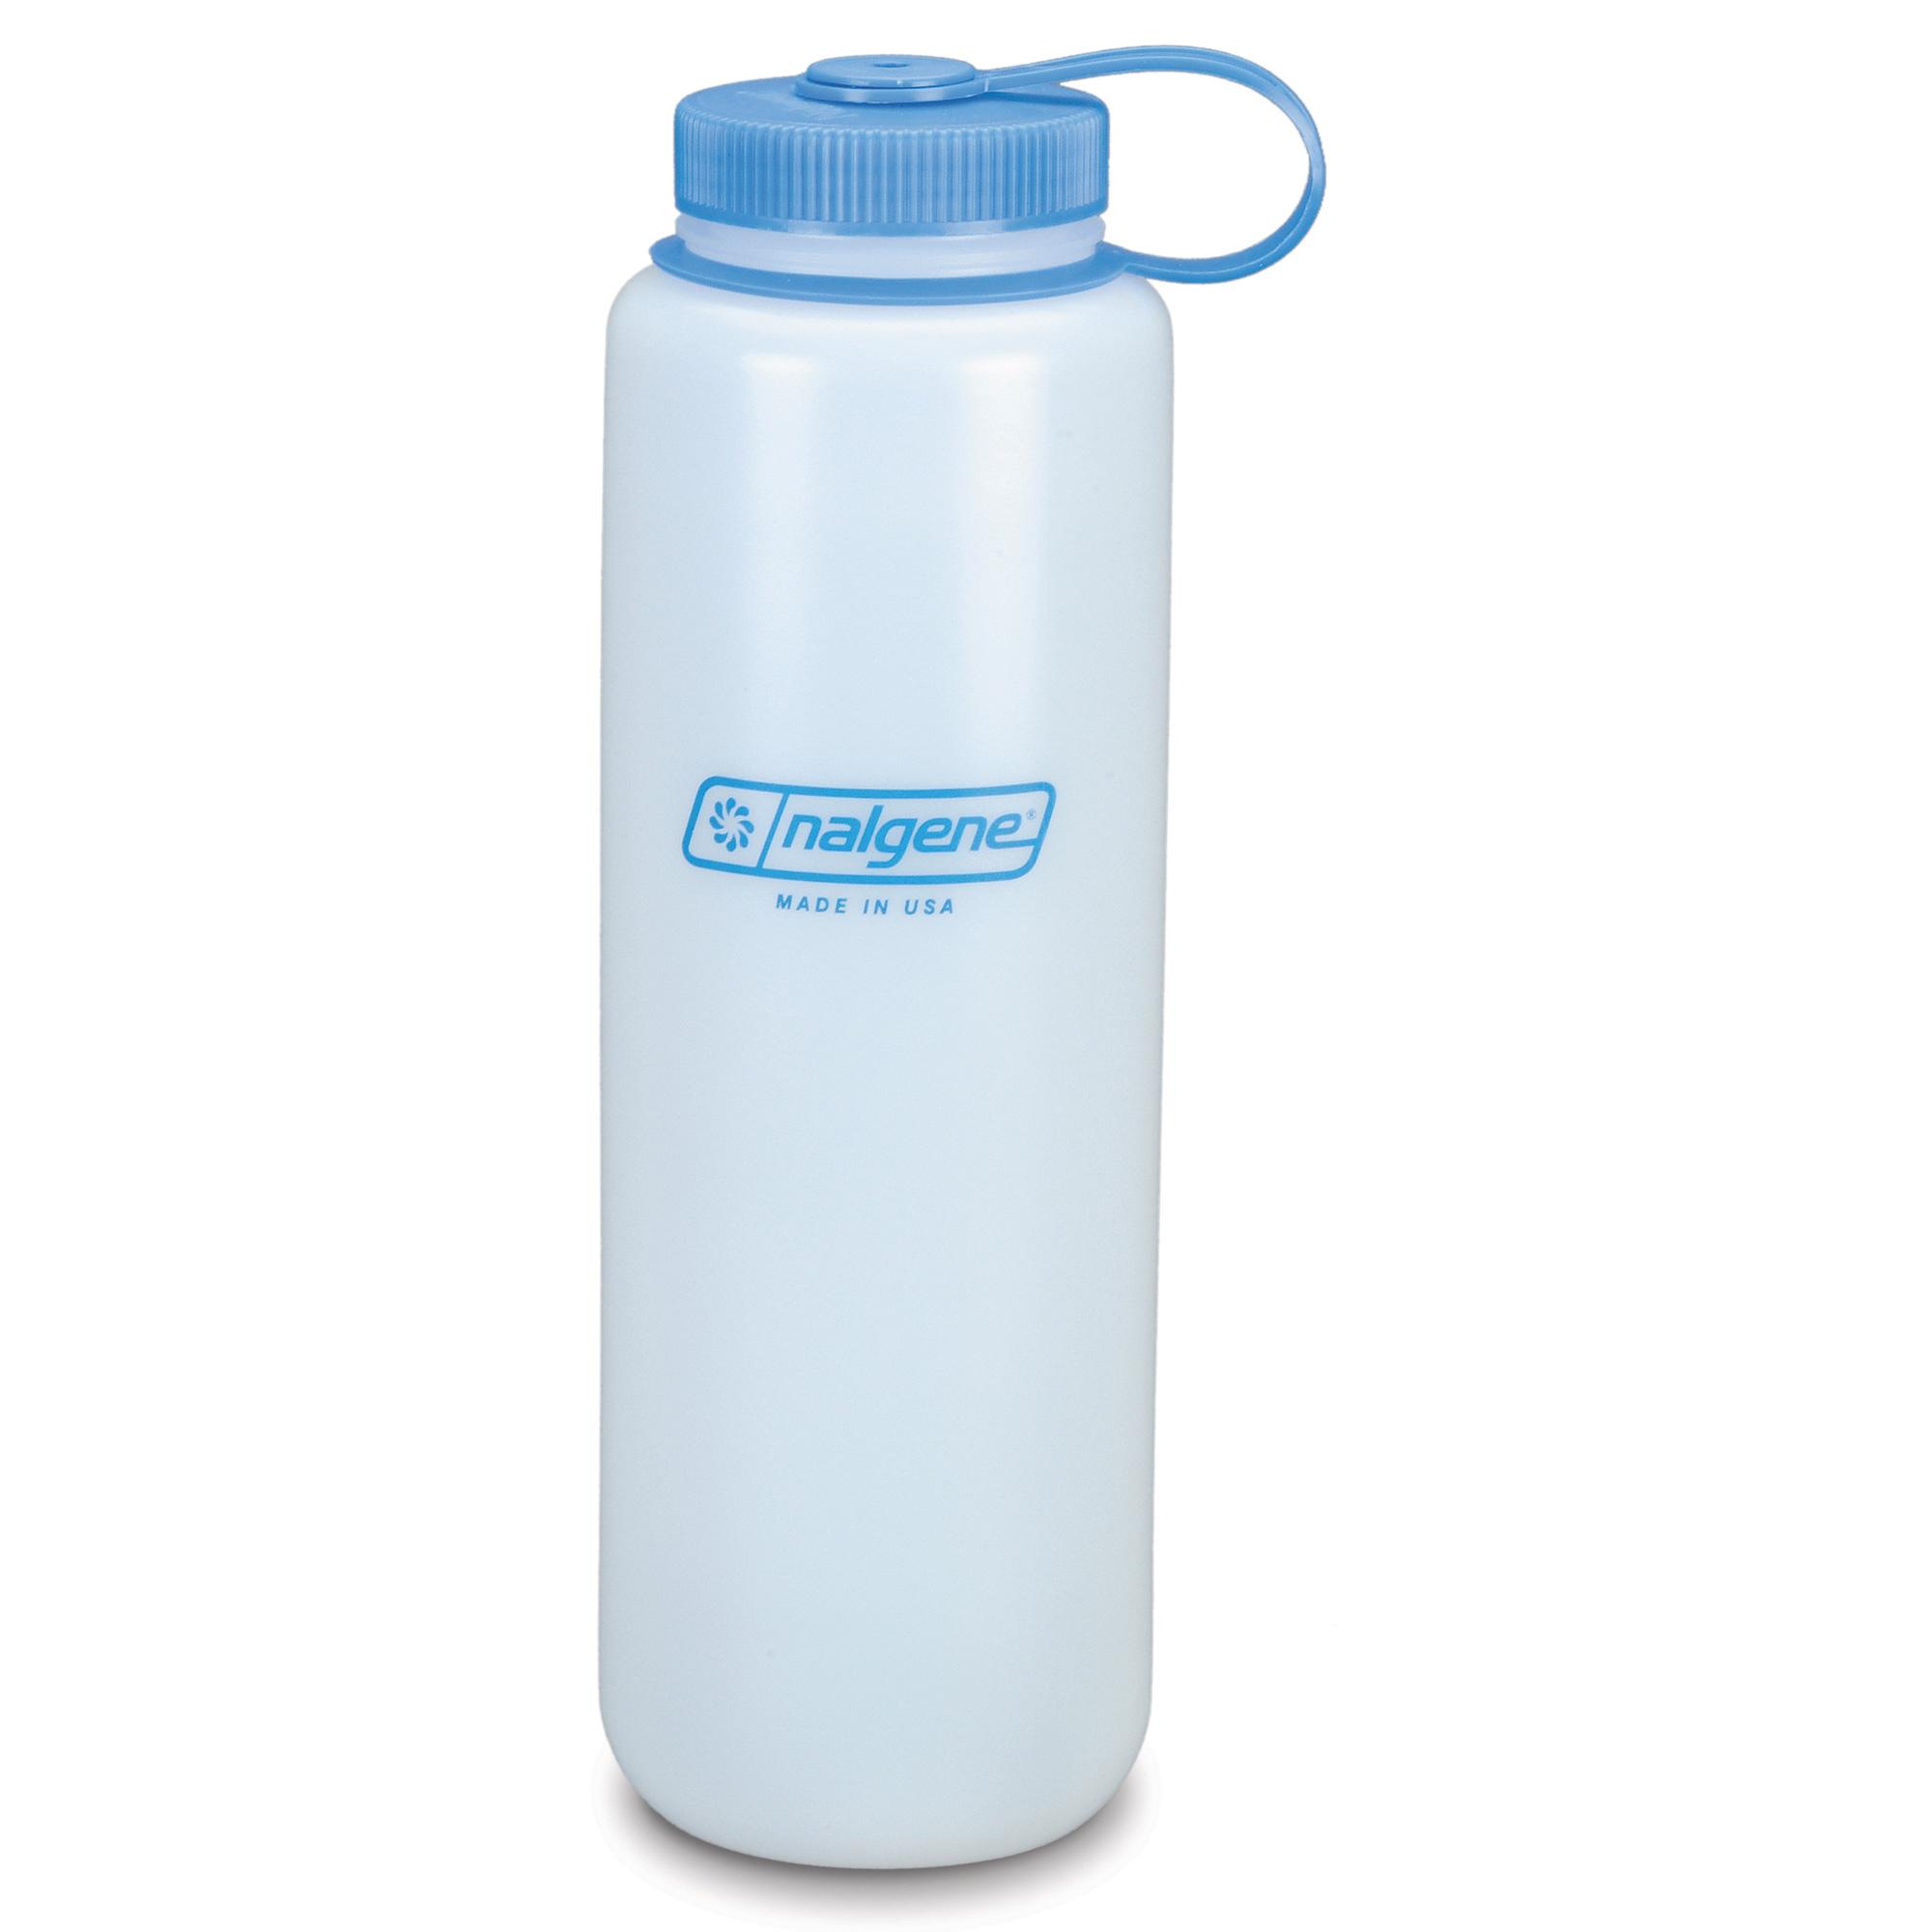 Nalgene Trinkflasche Weithals HDPE 1.5 L weiß